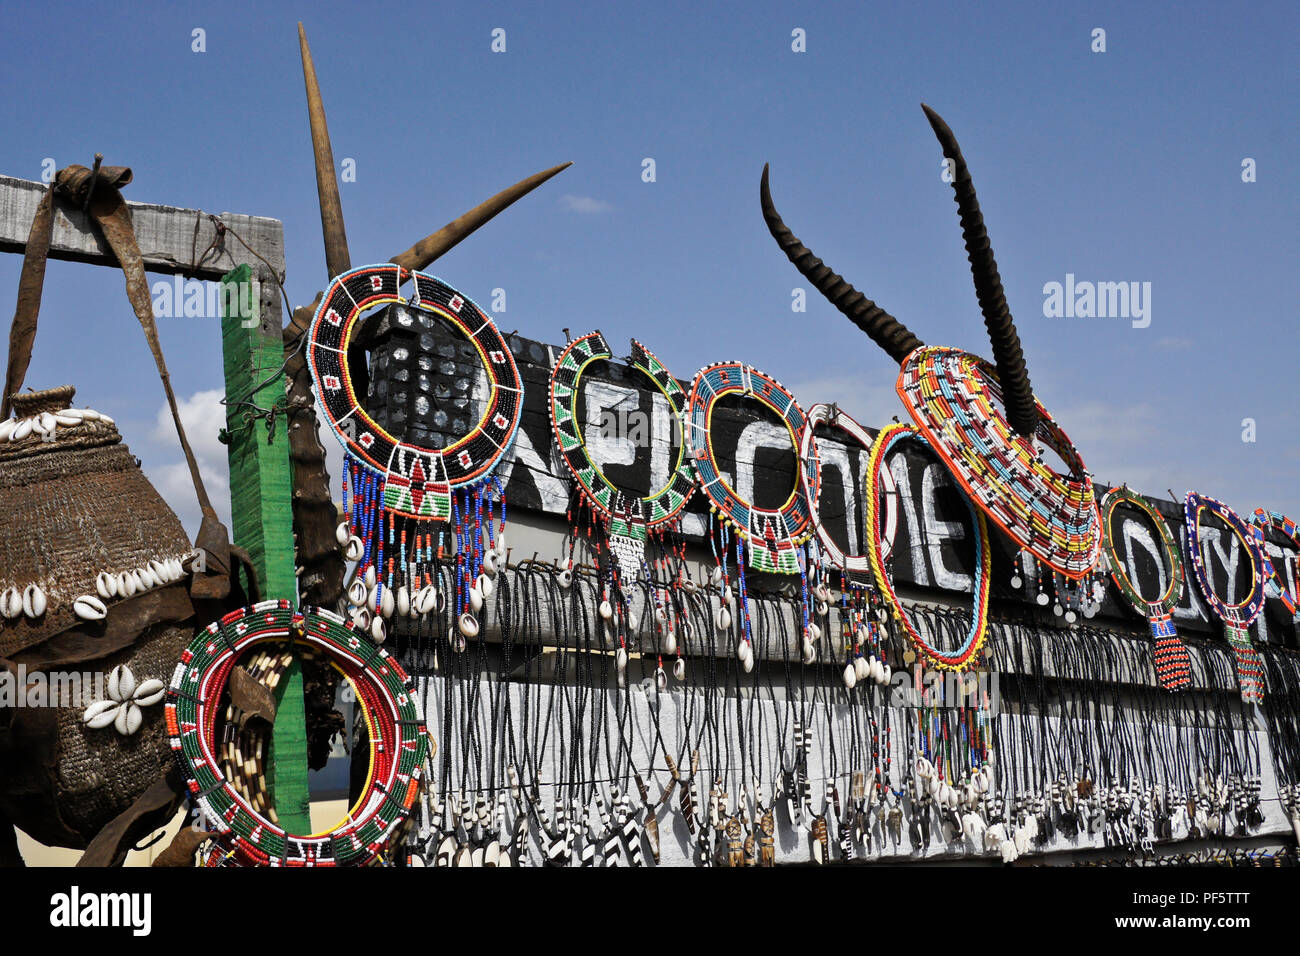 Samburu Handicrafts And Gazelle Horns For Sale At Samburu Buffalo